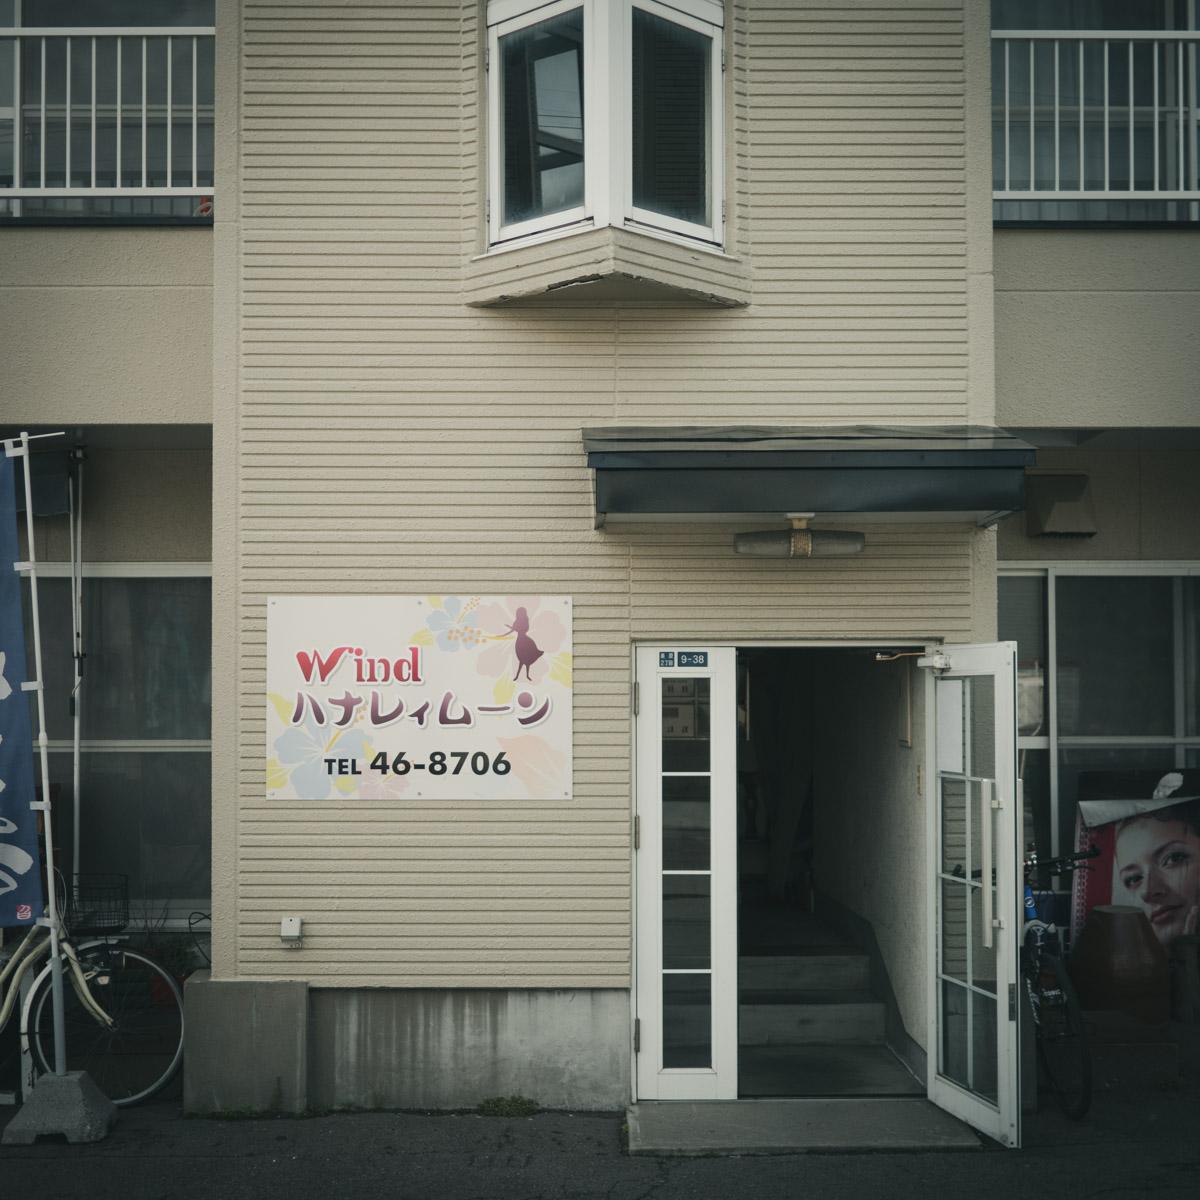 店のエントランス ほぼ普通のアパート DMC-GX8 + LUMIX 20mm